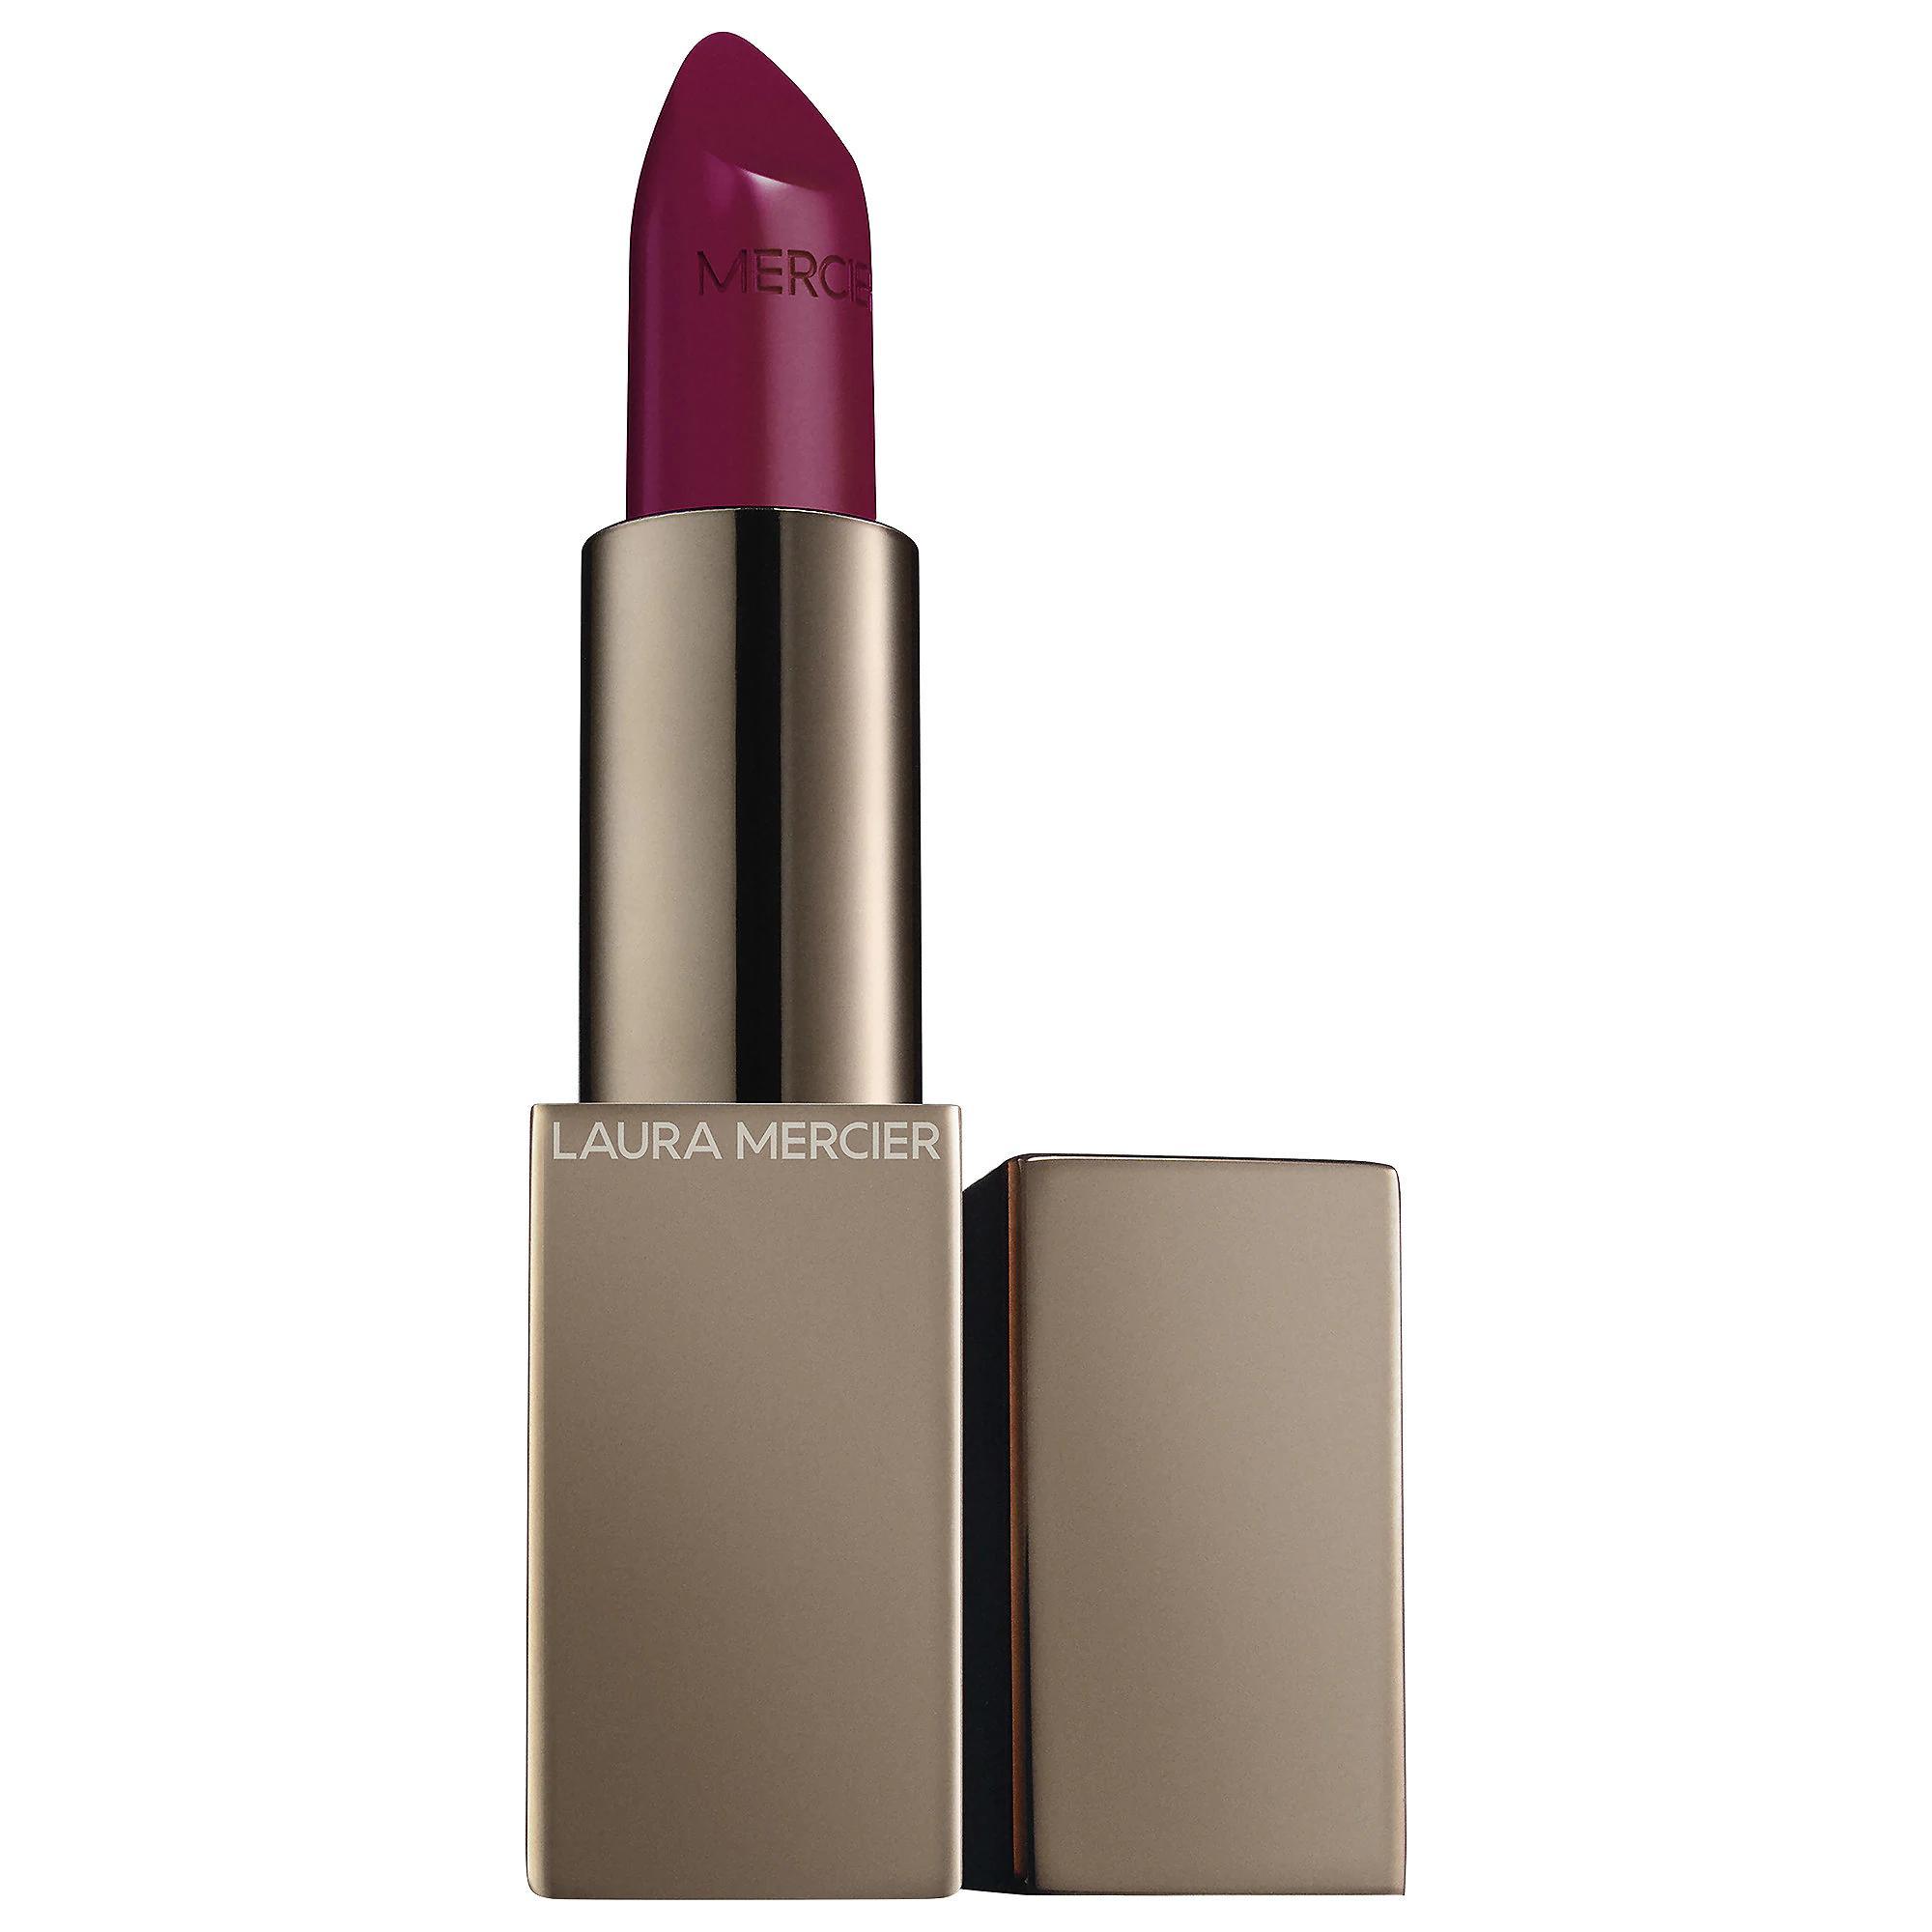 Laura Mercier Rouge Essentiel Silky Crème Lipstick Plum Sublime